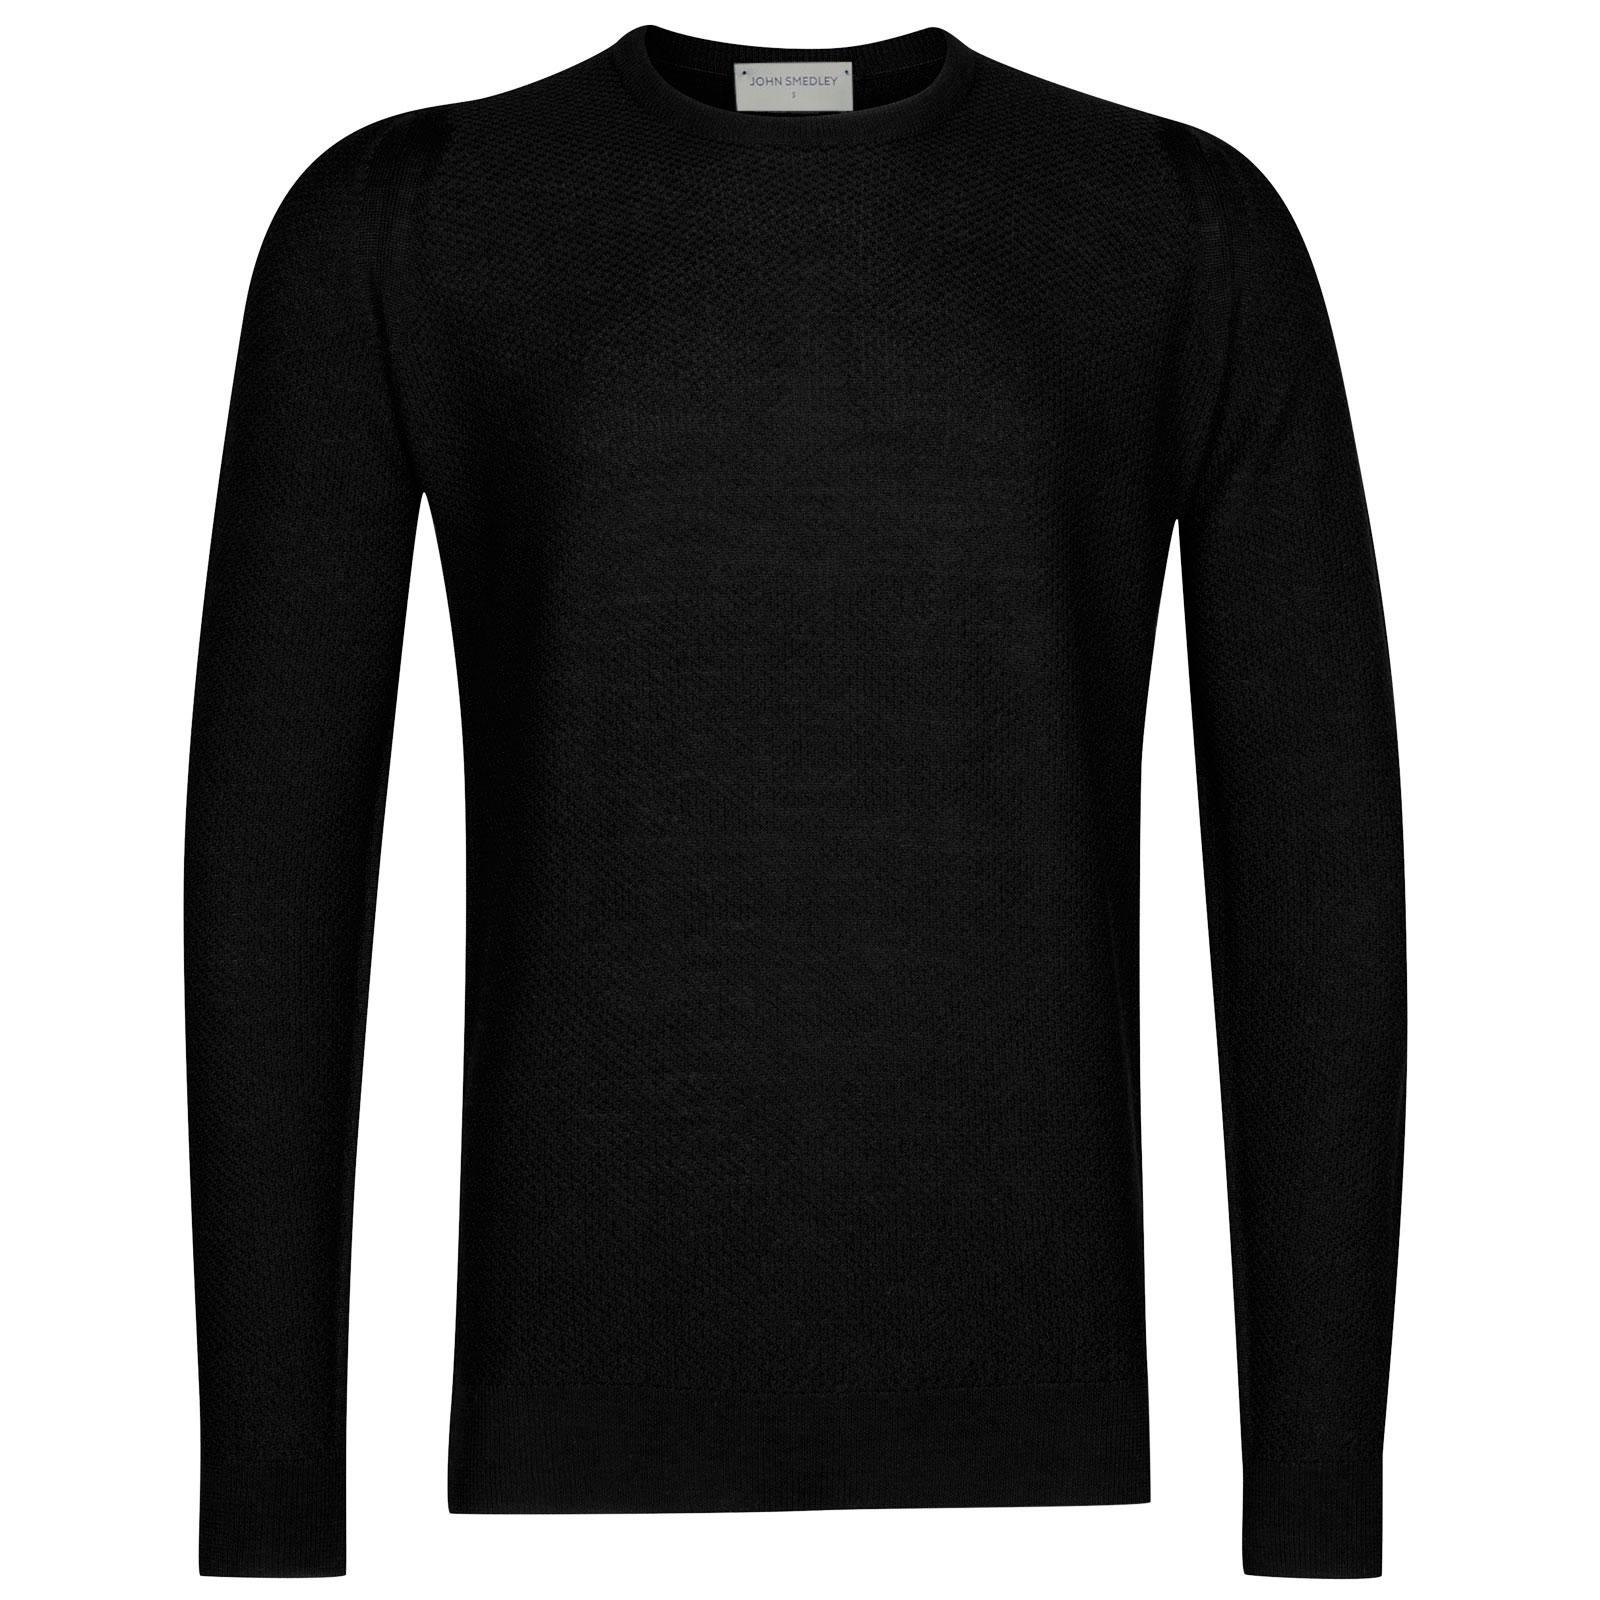 John Smedley 1Singular Merino Wool Pullover in Black-S